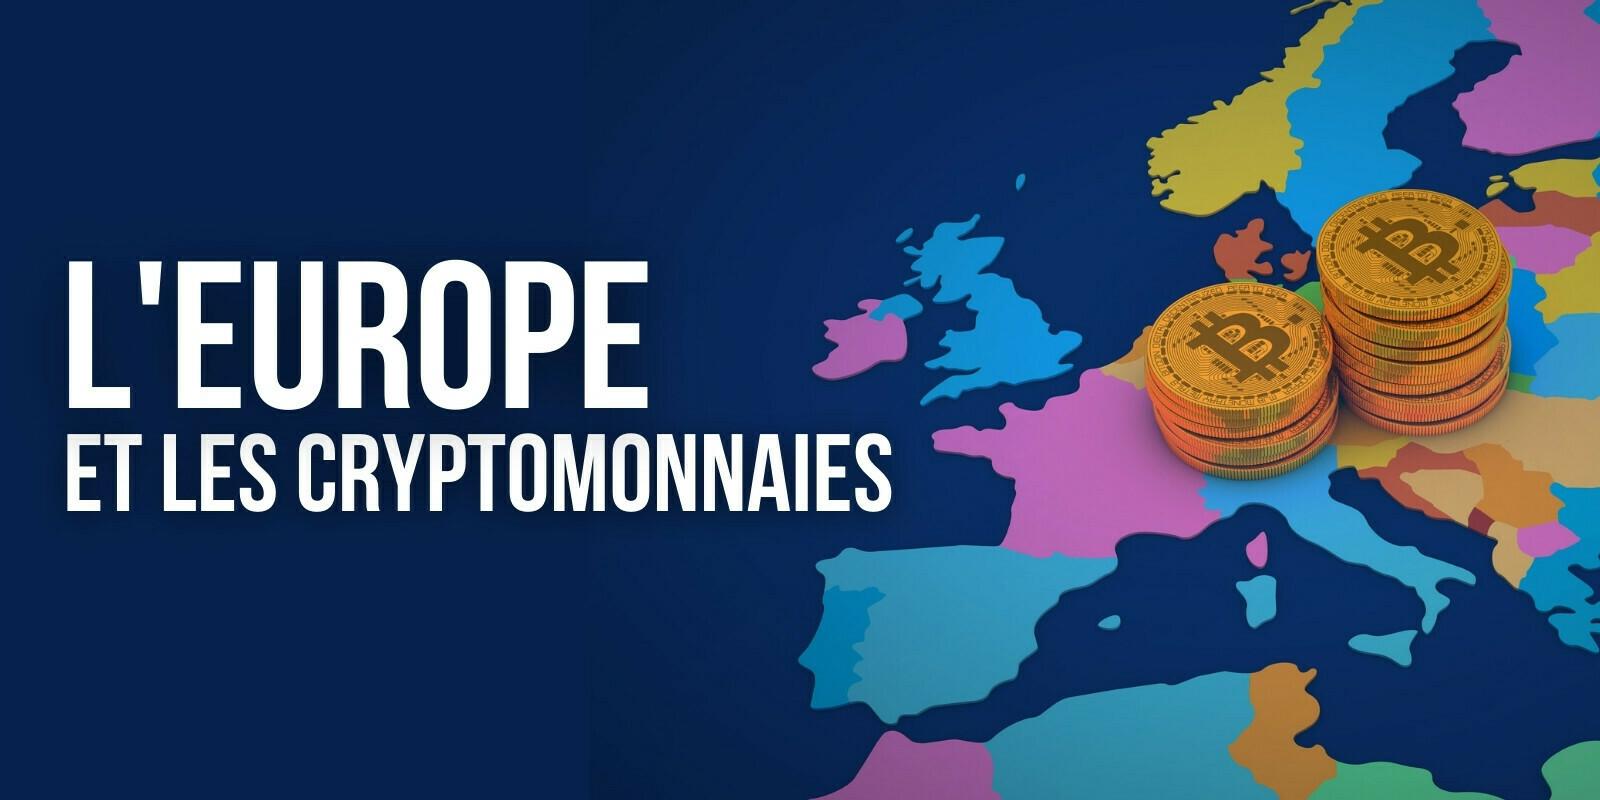 Nouveau rapport: l'Europe serait devenue la première région crypto… Et la France est fan d'Ethereum